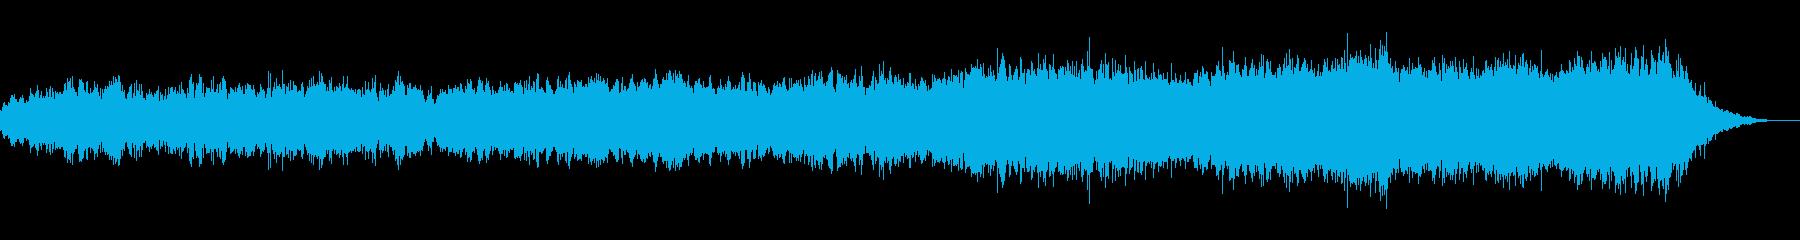 浮遊感がある不思議なメロディーの再生済みの波形